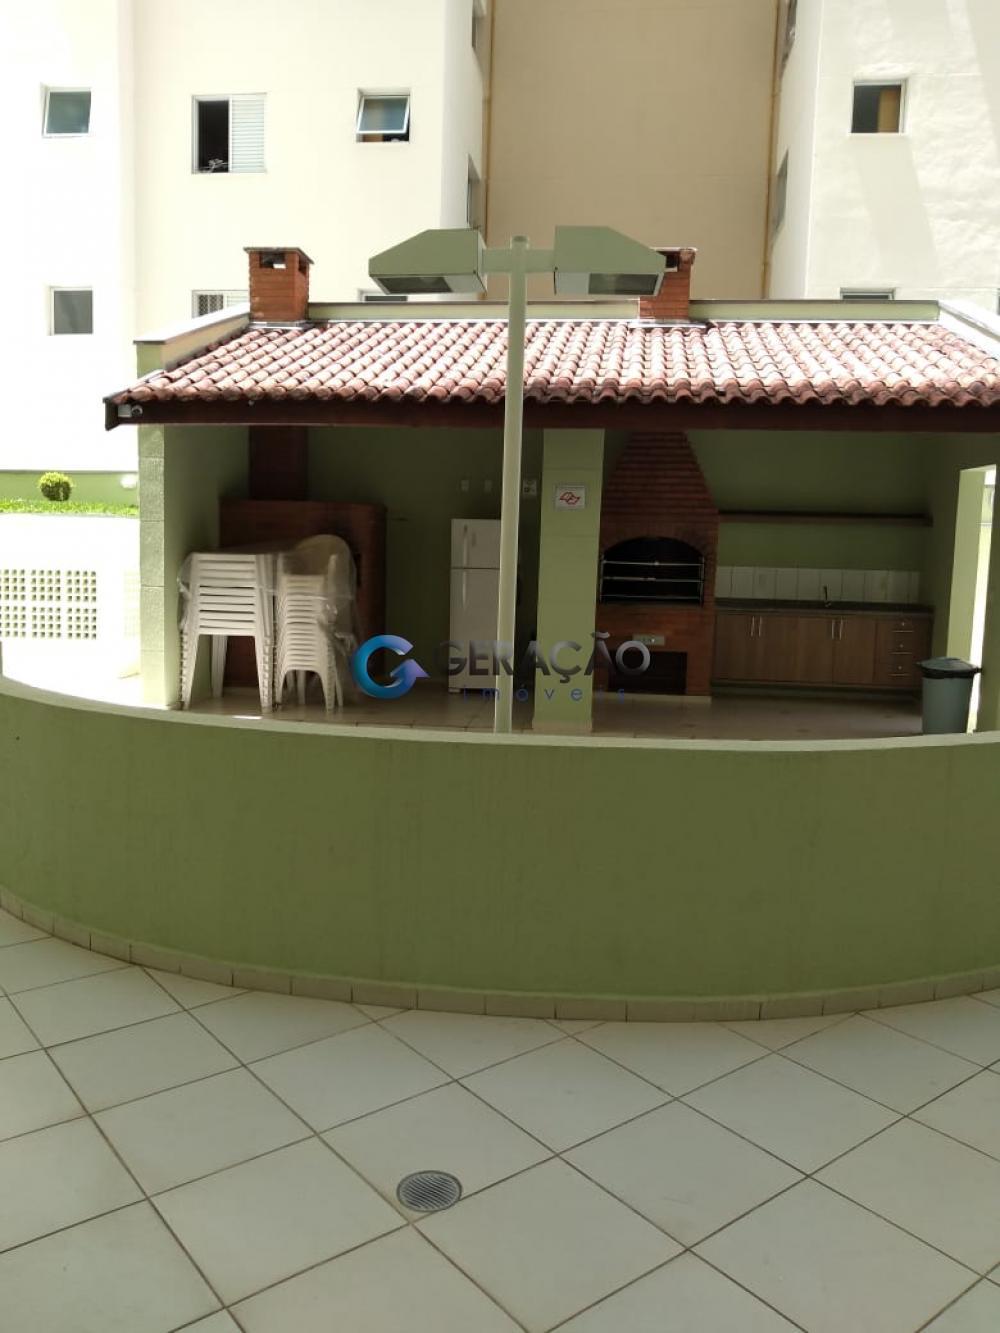 Comprar Apartamento / Padrão em São José dos Campos R$ 756.000,00 - Foto 12